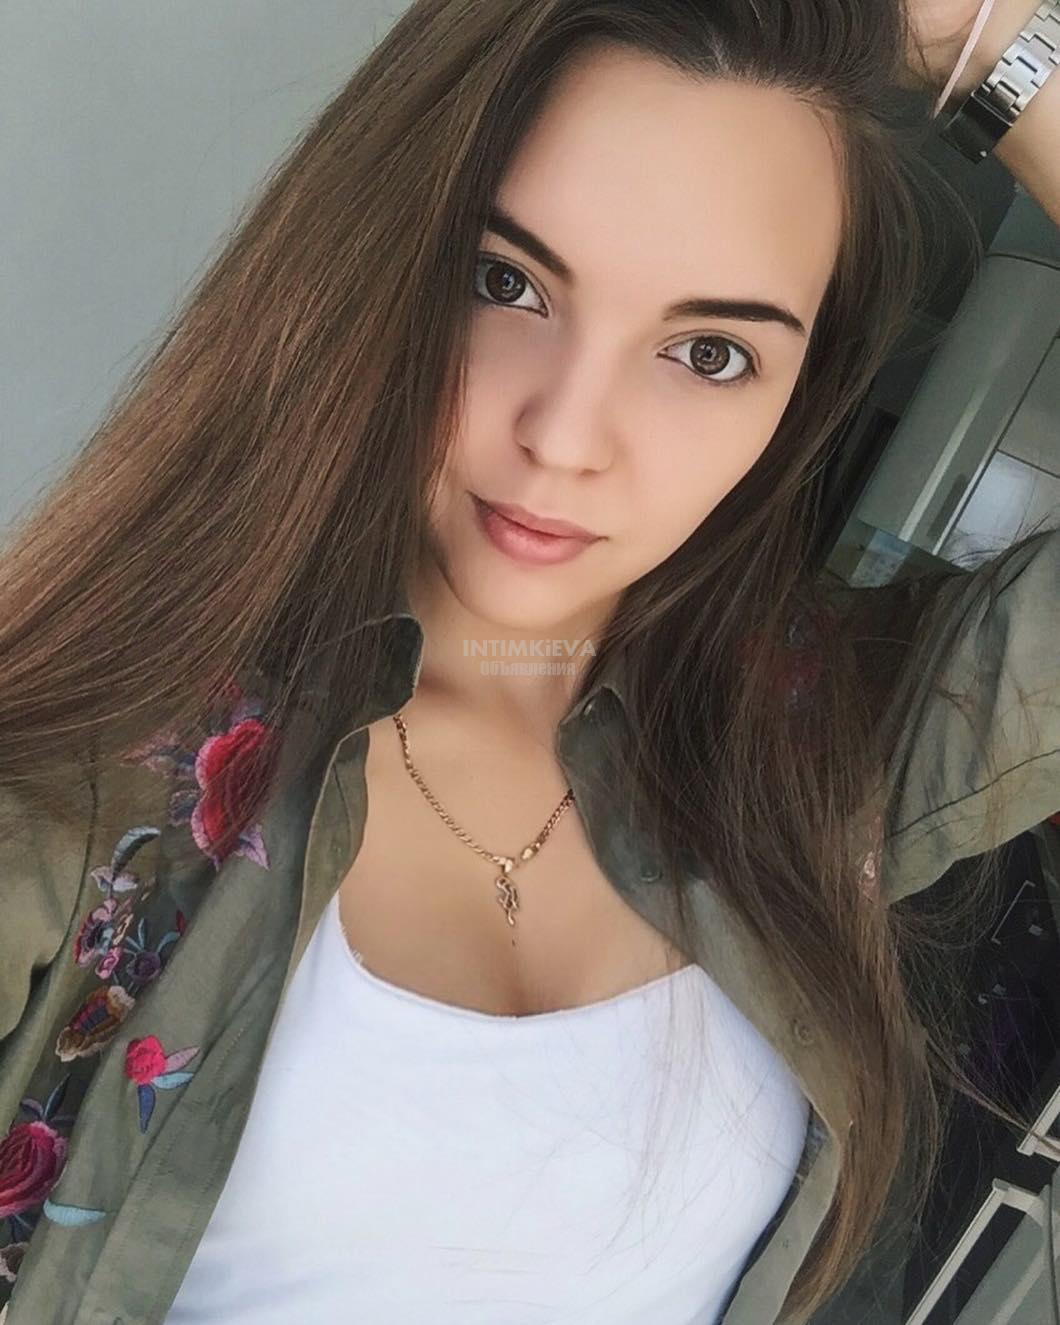 studentochki-seks-kiev